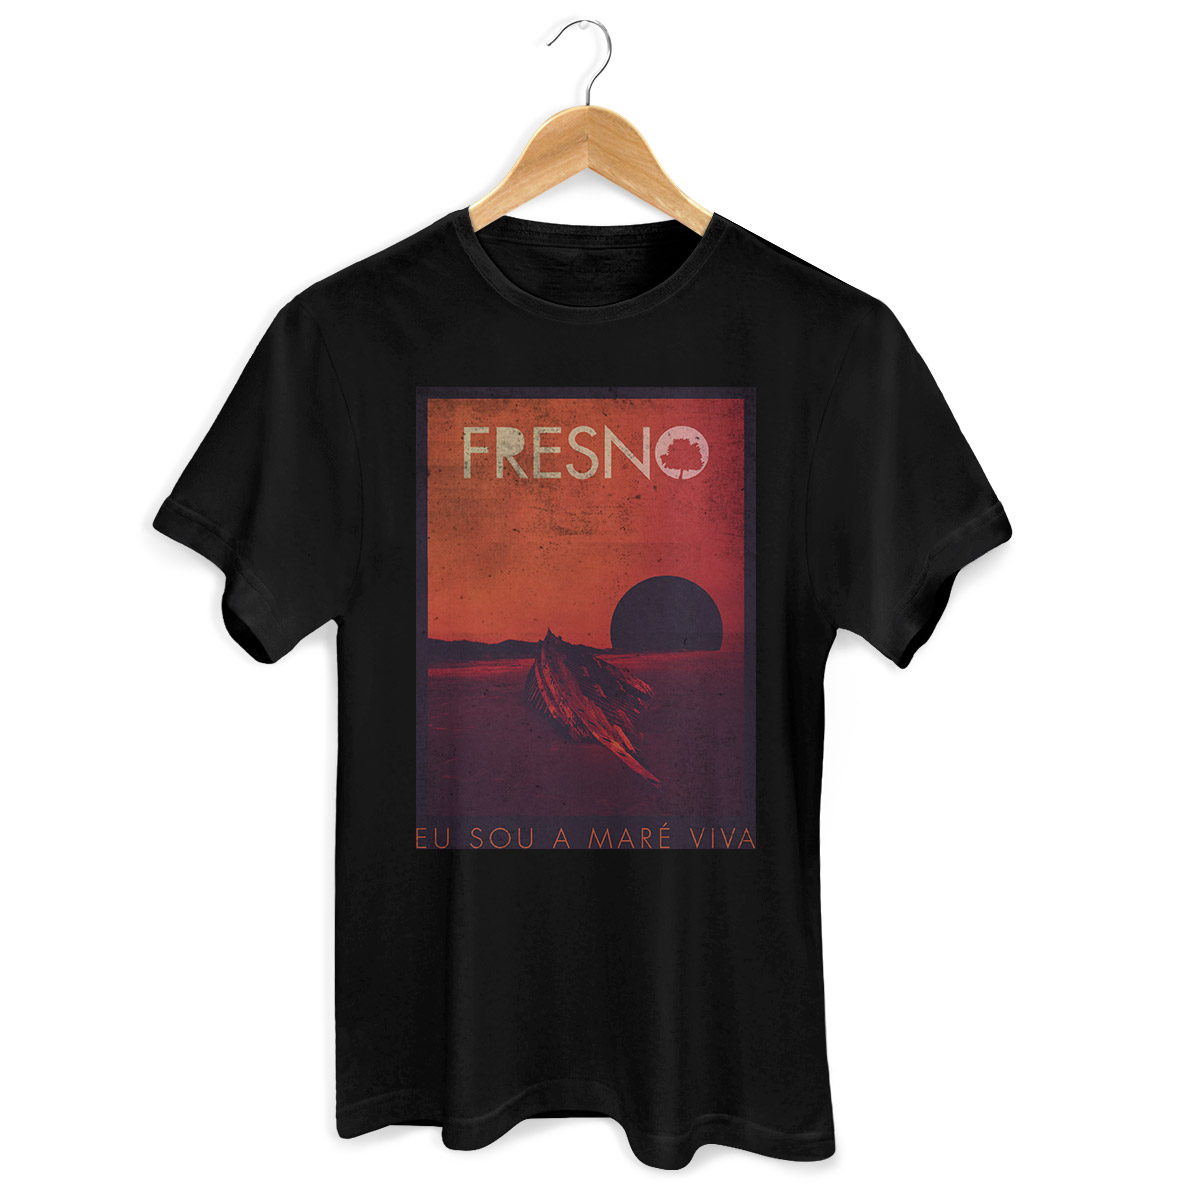 Camiseta Masculina Fresno Capa Black